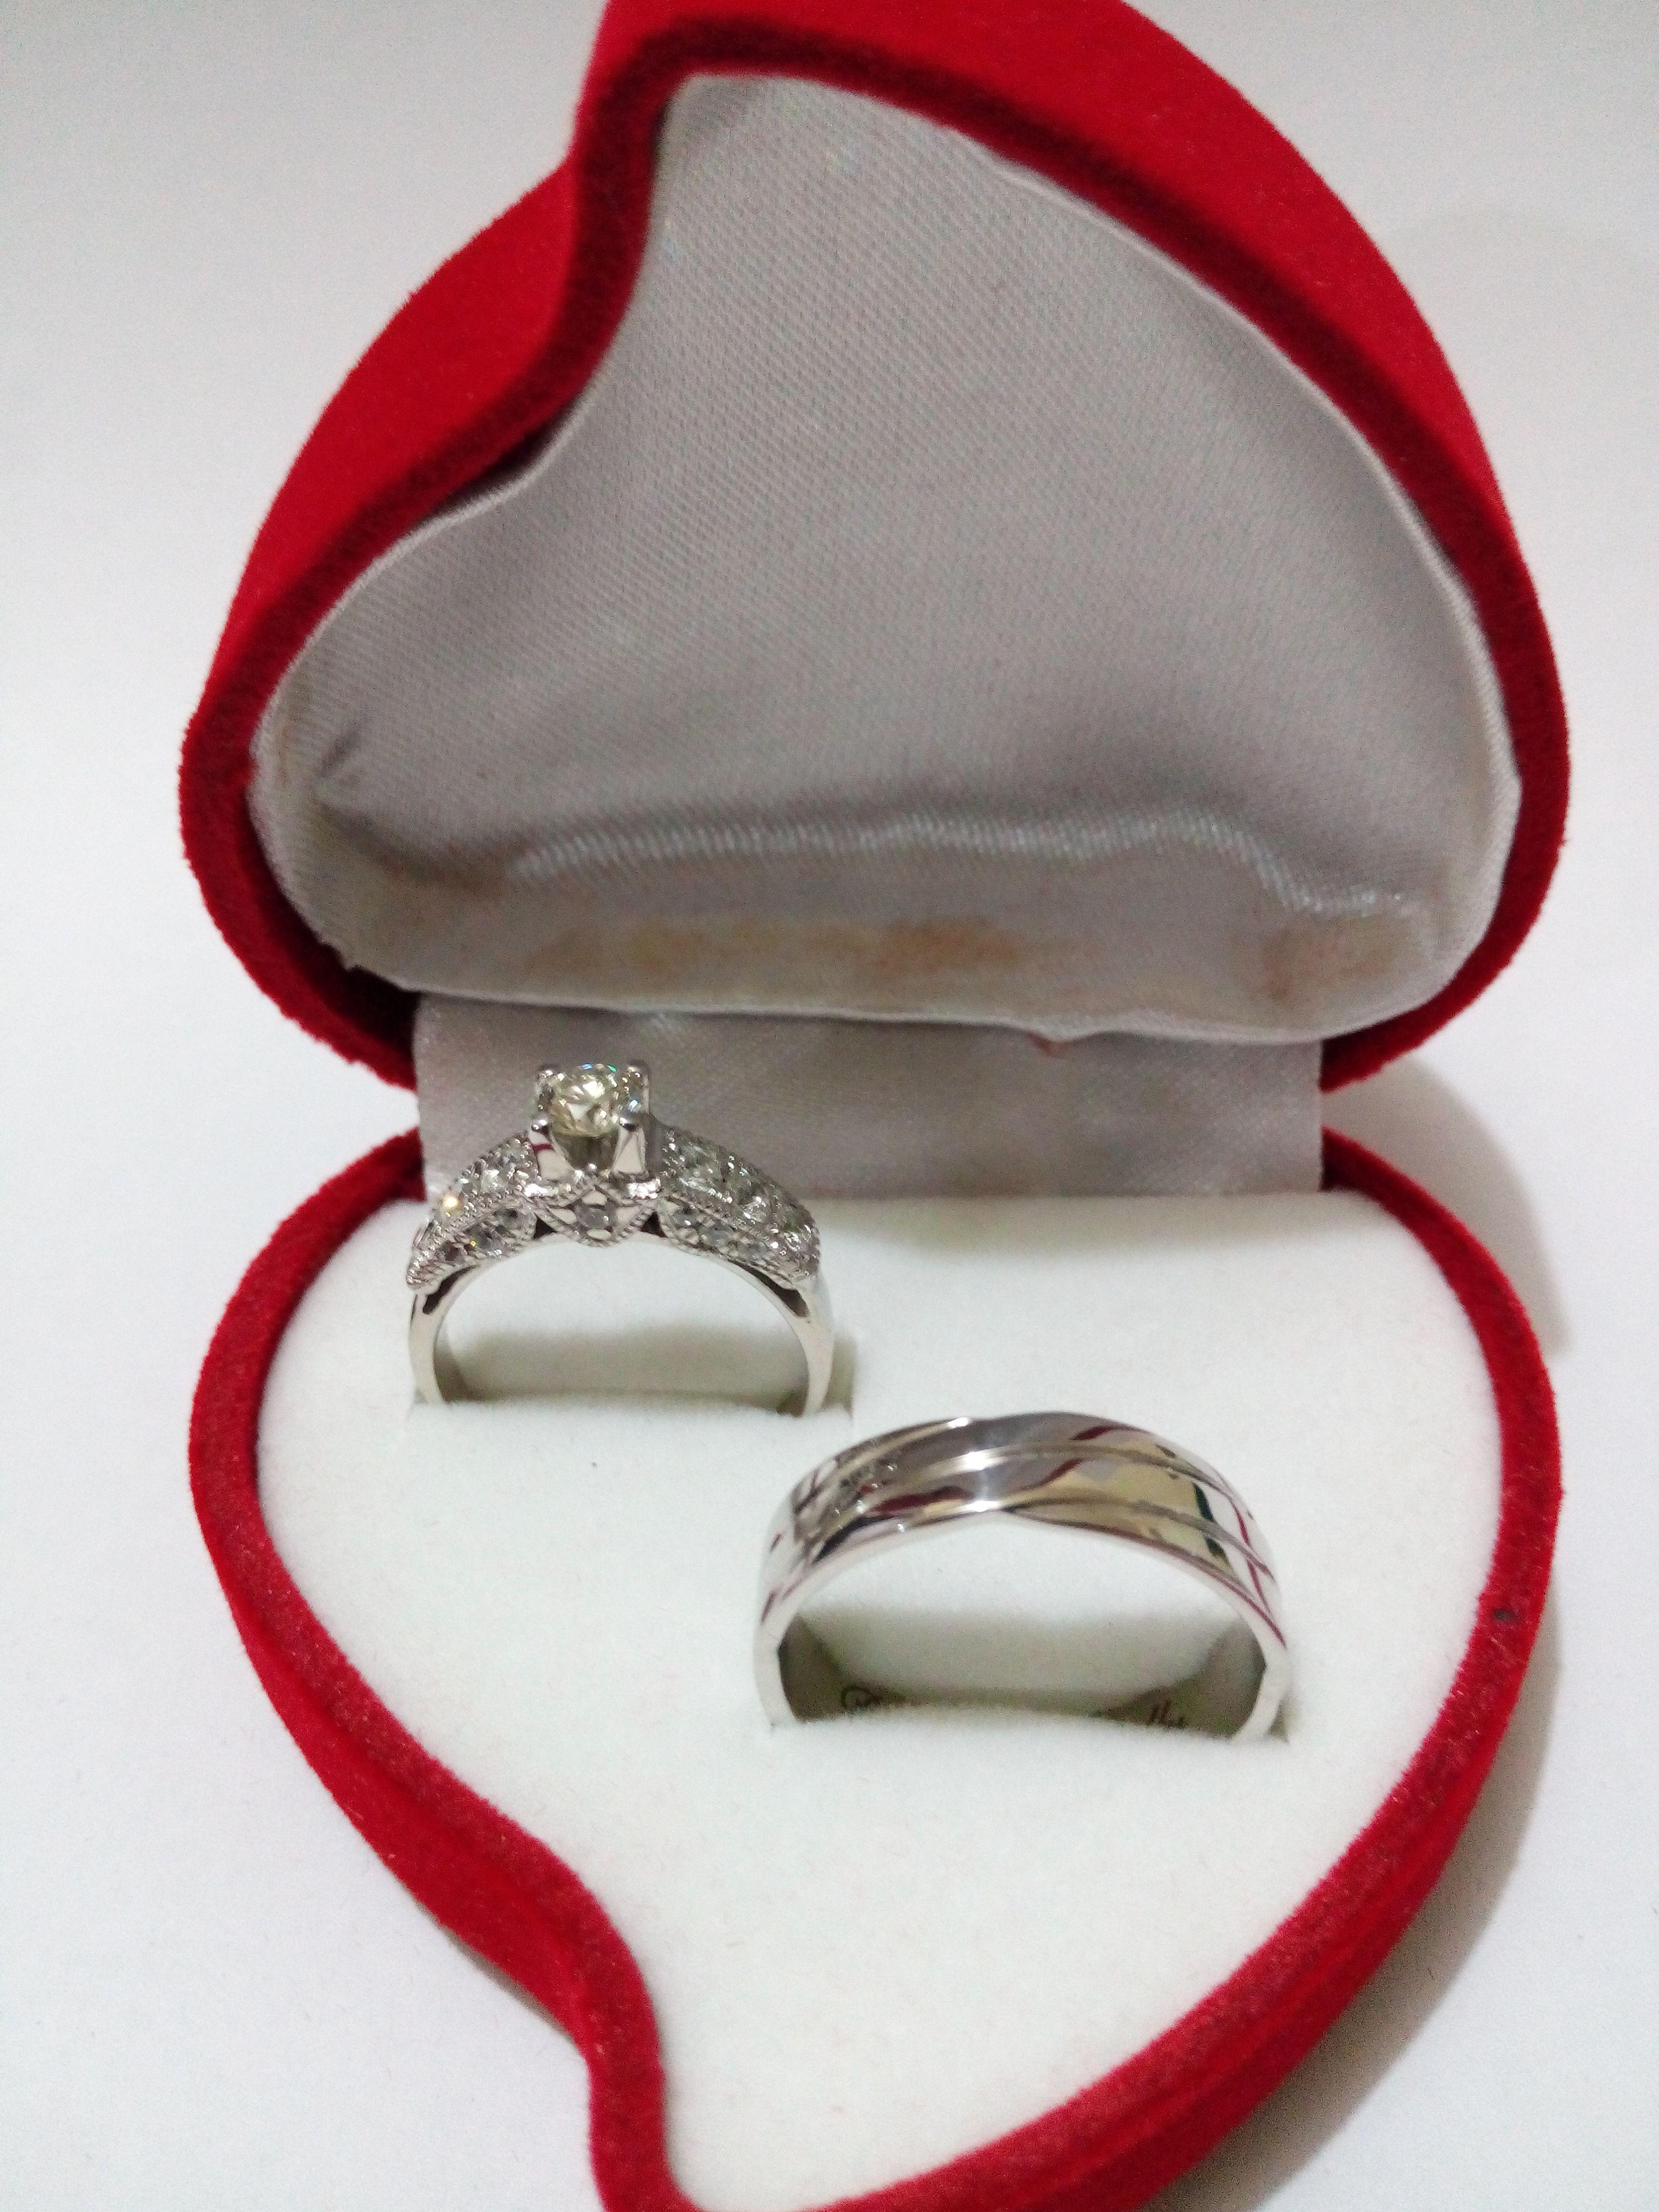 Cincin Kawin Platinum Emas Putih Cincindepokcom Nikah Di Couple Tunangan Cr 2 Amp